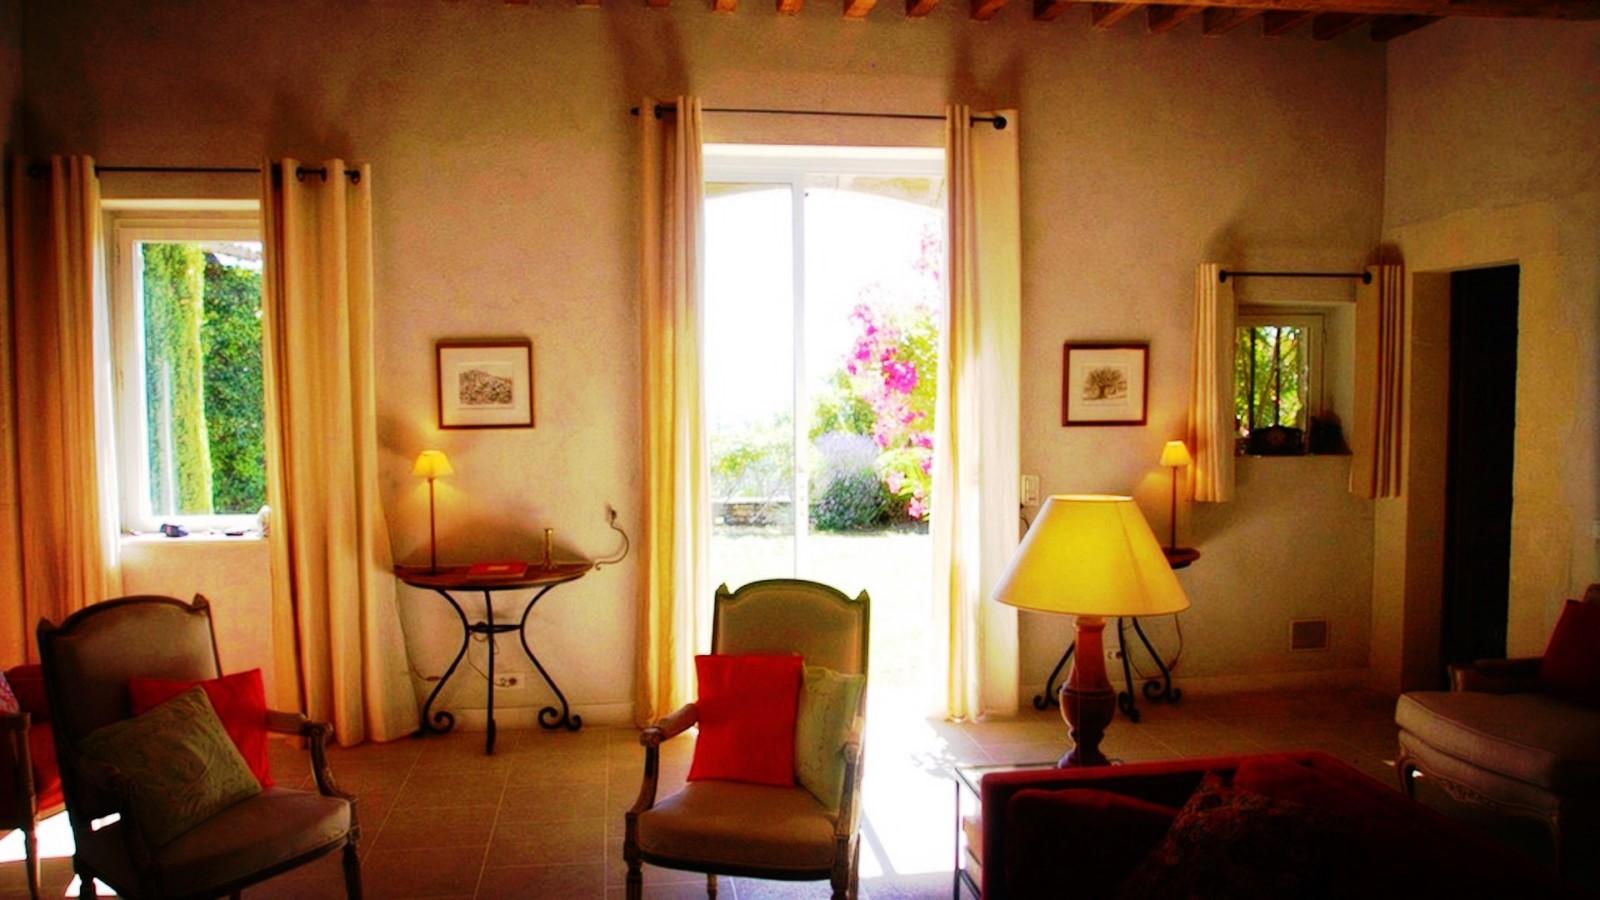 Belle pièce à vivre ouvrant sur un jardin paysagé et une vue sur les monts du Vaucluse et la plaine de Gordes